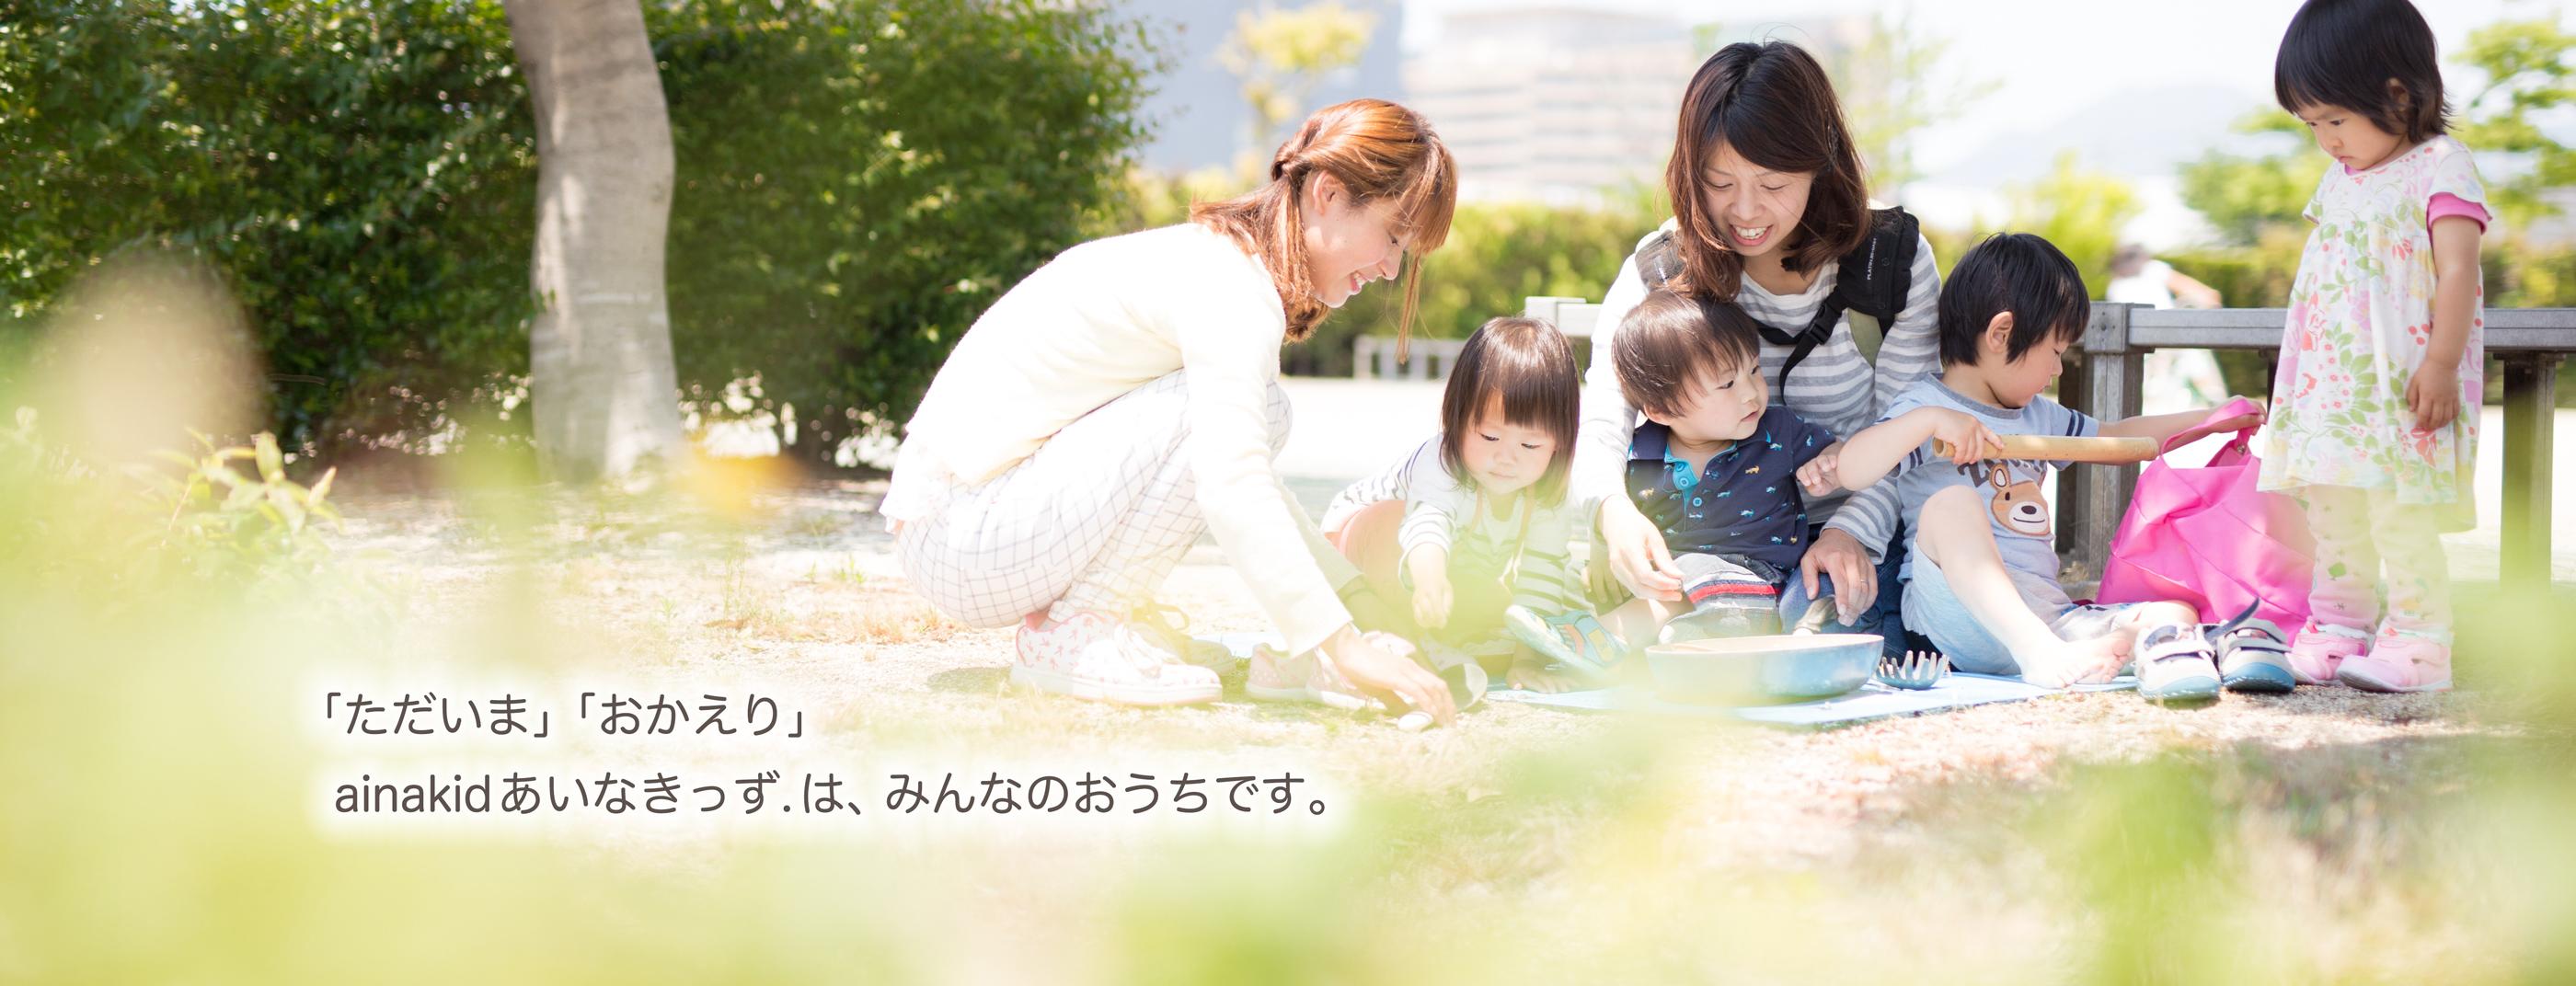 スライド1:託児所おはなうにひぴりのスタッフと子どもたち